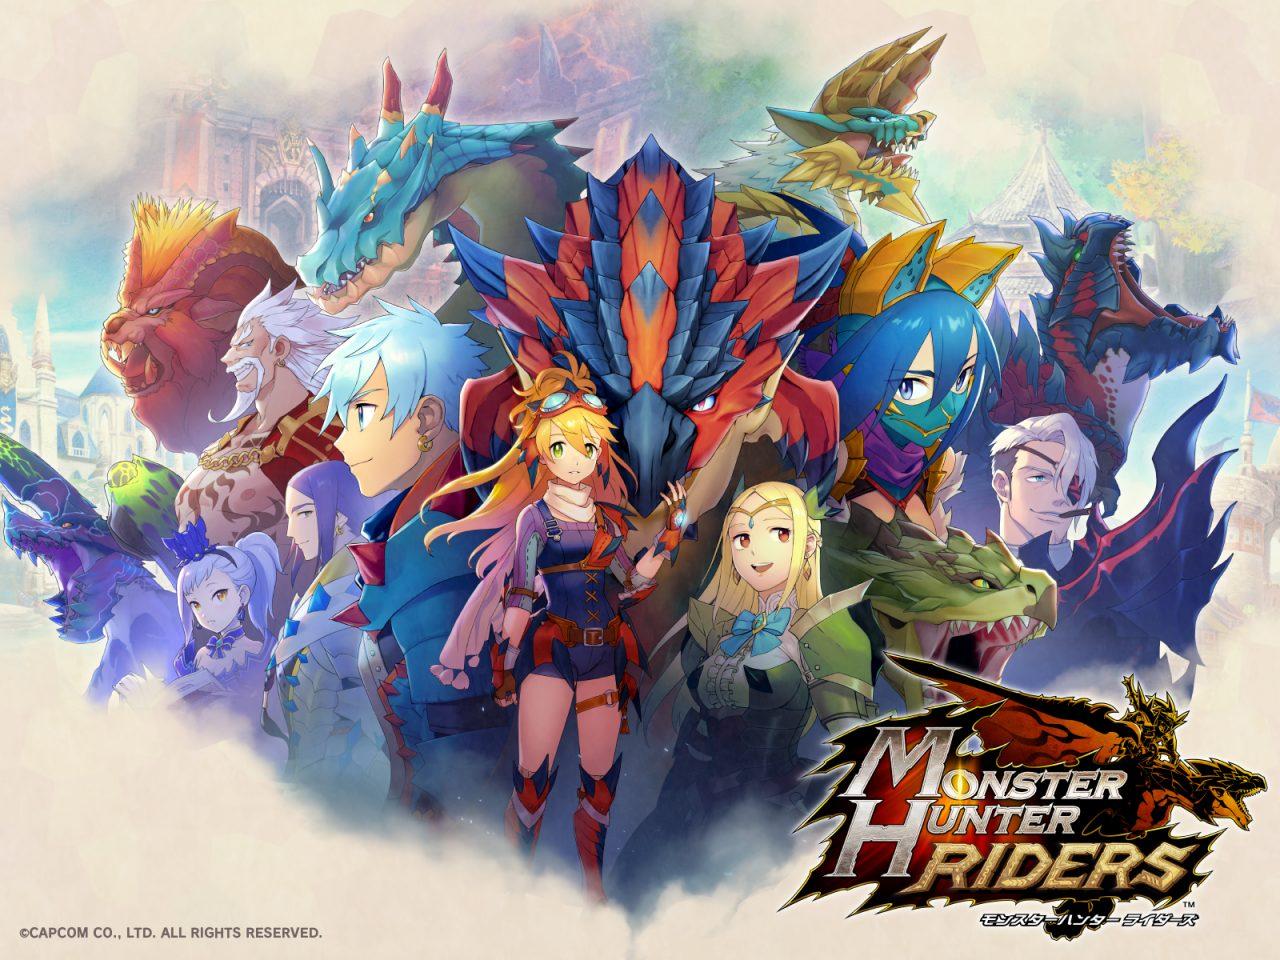 『モンスターハンター ライダーズ』がついに正式サービス開始!